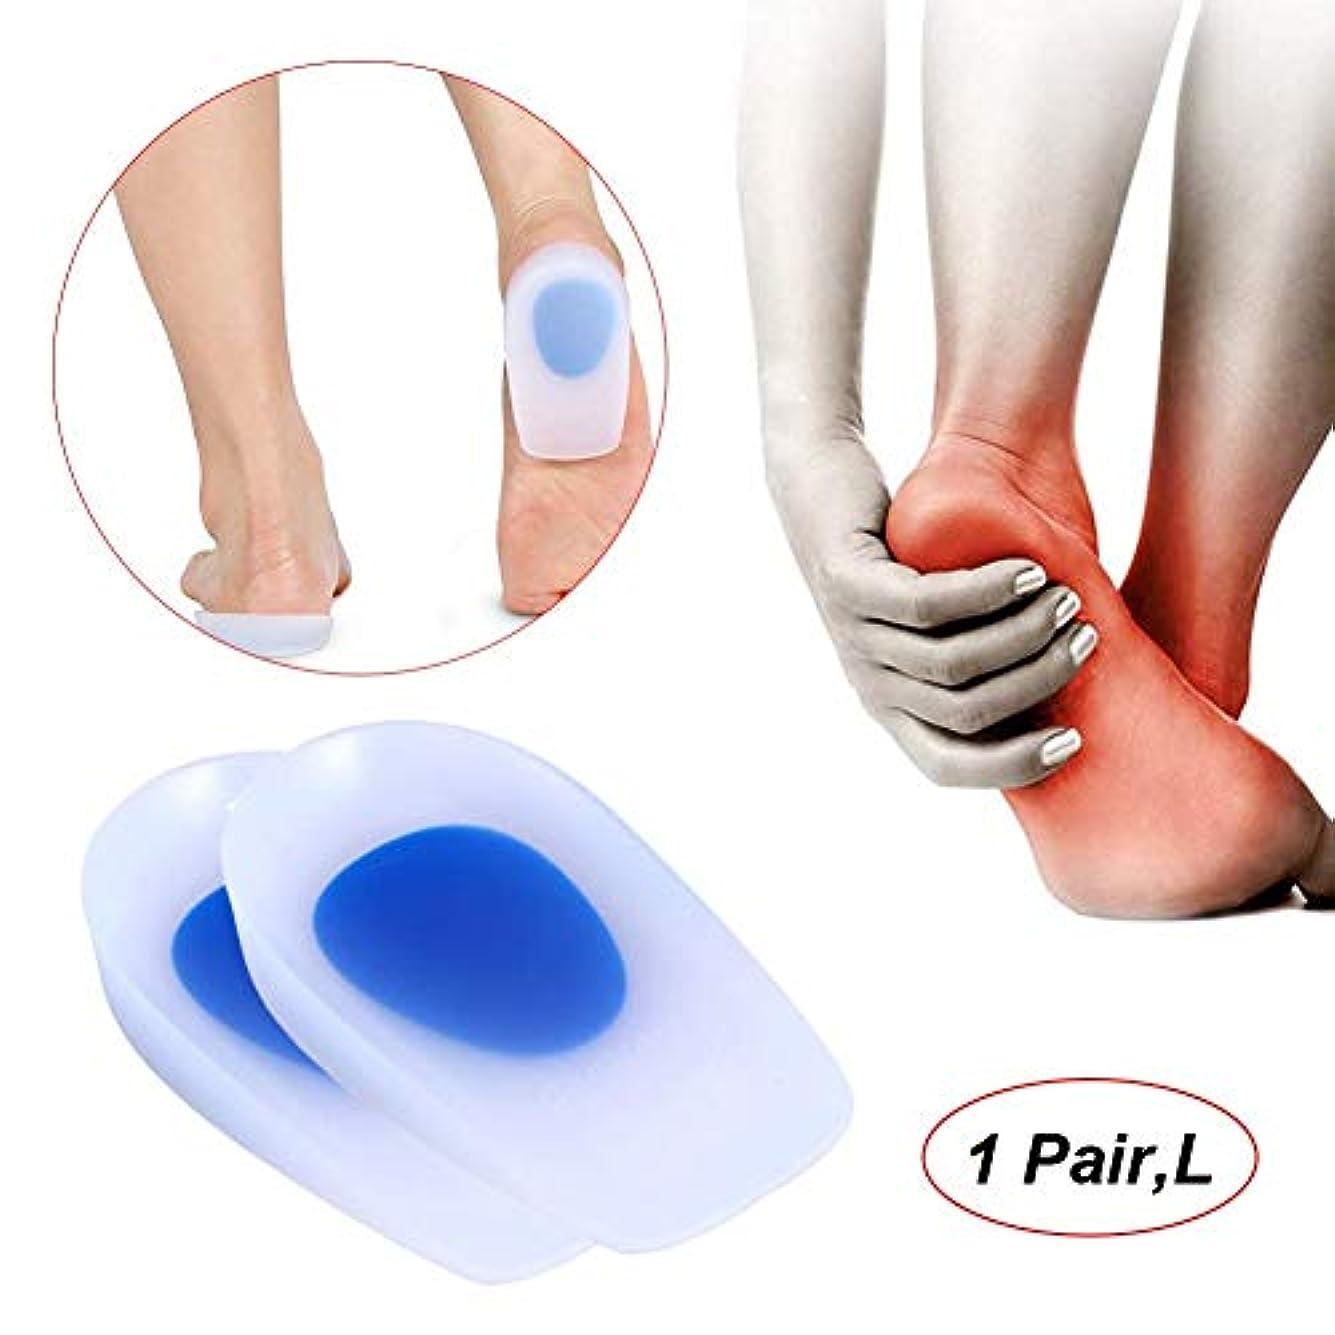 正統派バター動揺させるゲルヒールカップヒールシューズインサートパッド、足底筋膜炎の痛みを和らげる、男性と女性のヒール骨棘とアキレス腱炎(1ペア)L